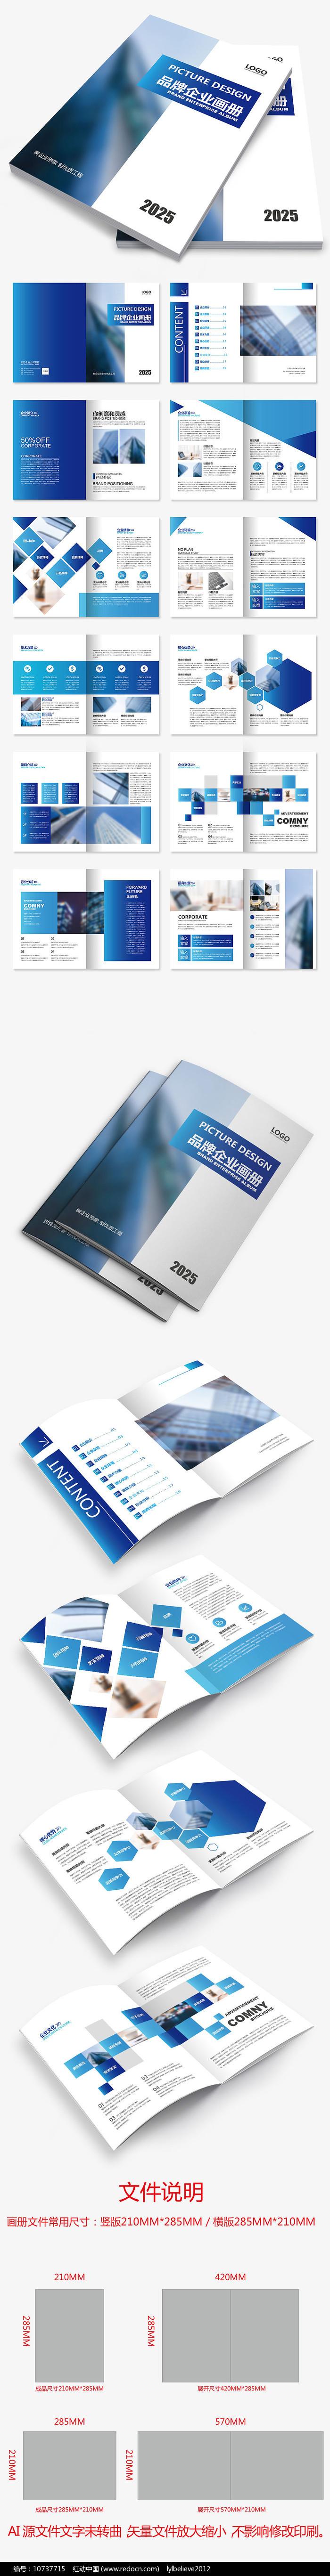 蓝色产品招商公司宣传册企业画册设计模板图片